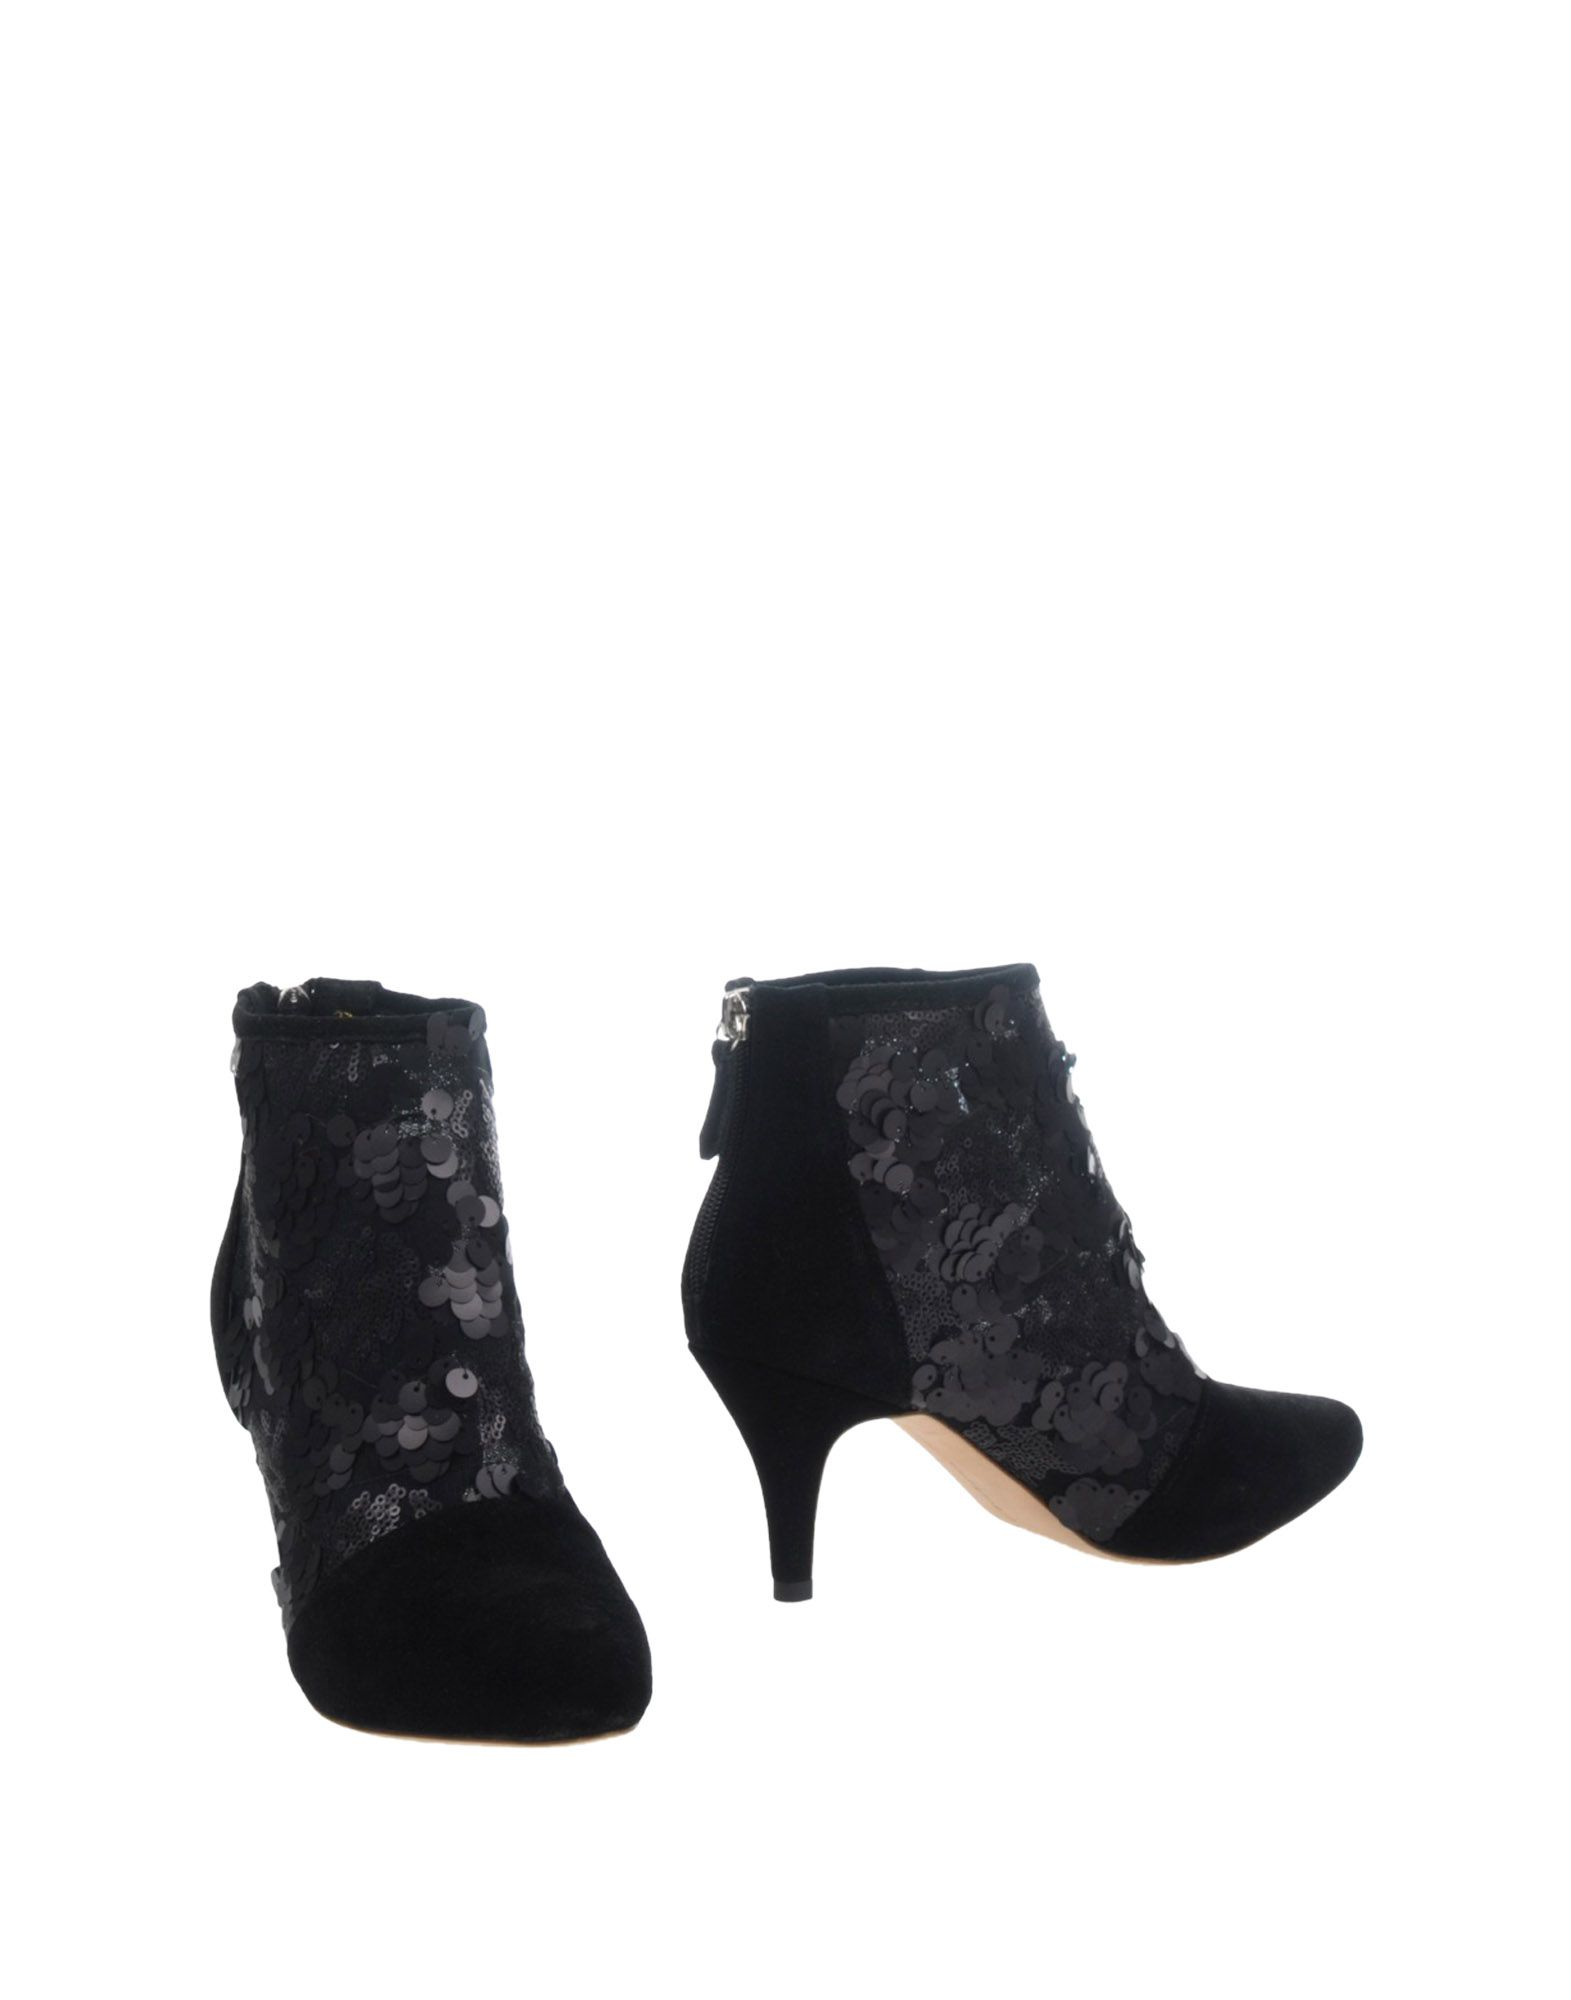 Sargossa Stiefelette Damen  11279398NW Gute Qualität beliebte Schuhe